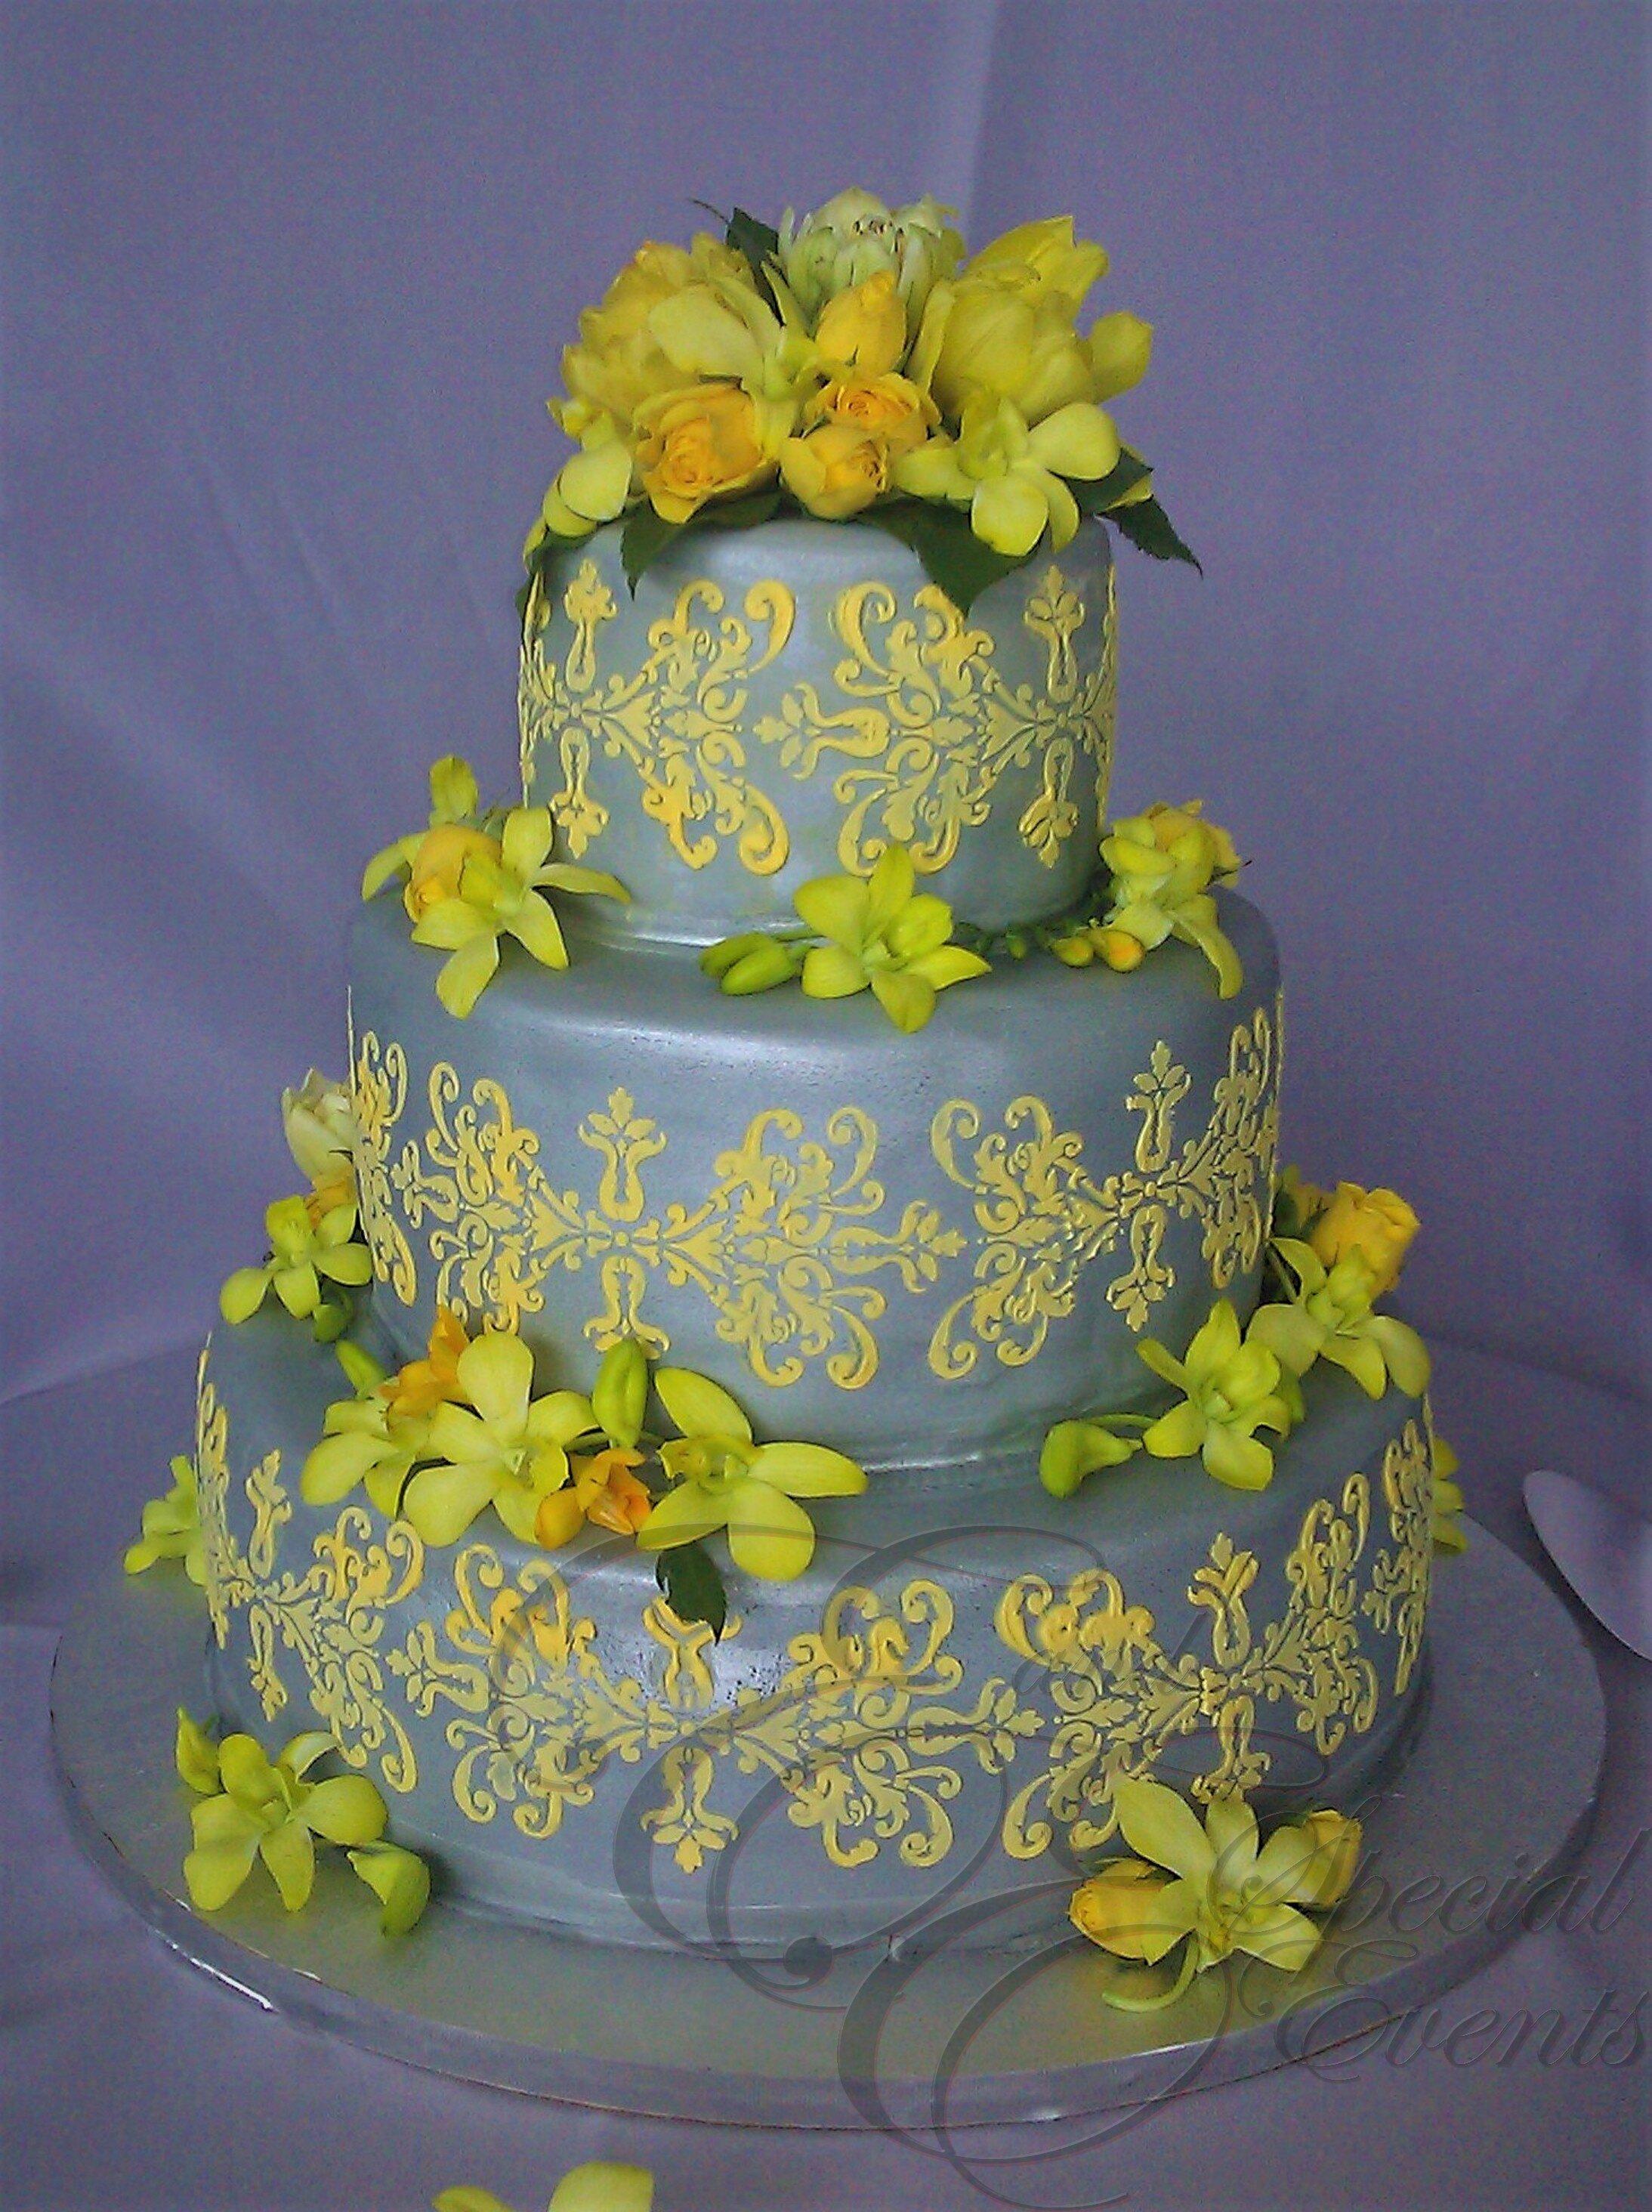 E_E_Special_Events_Unique_Wedding_Cakes_Virginia_Beach_Hampton_Roads30.jpg